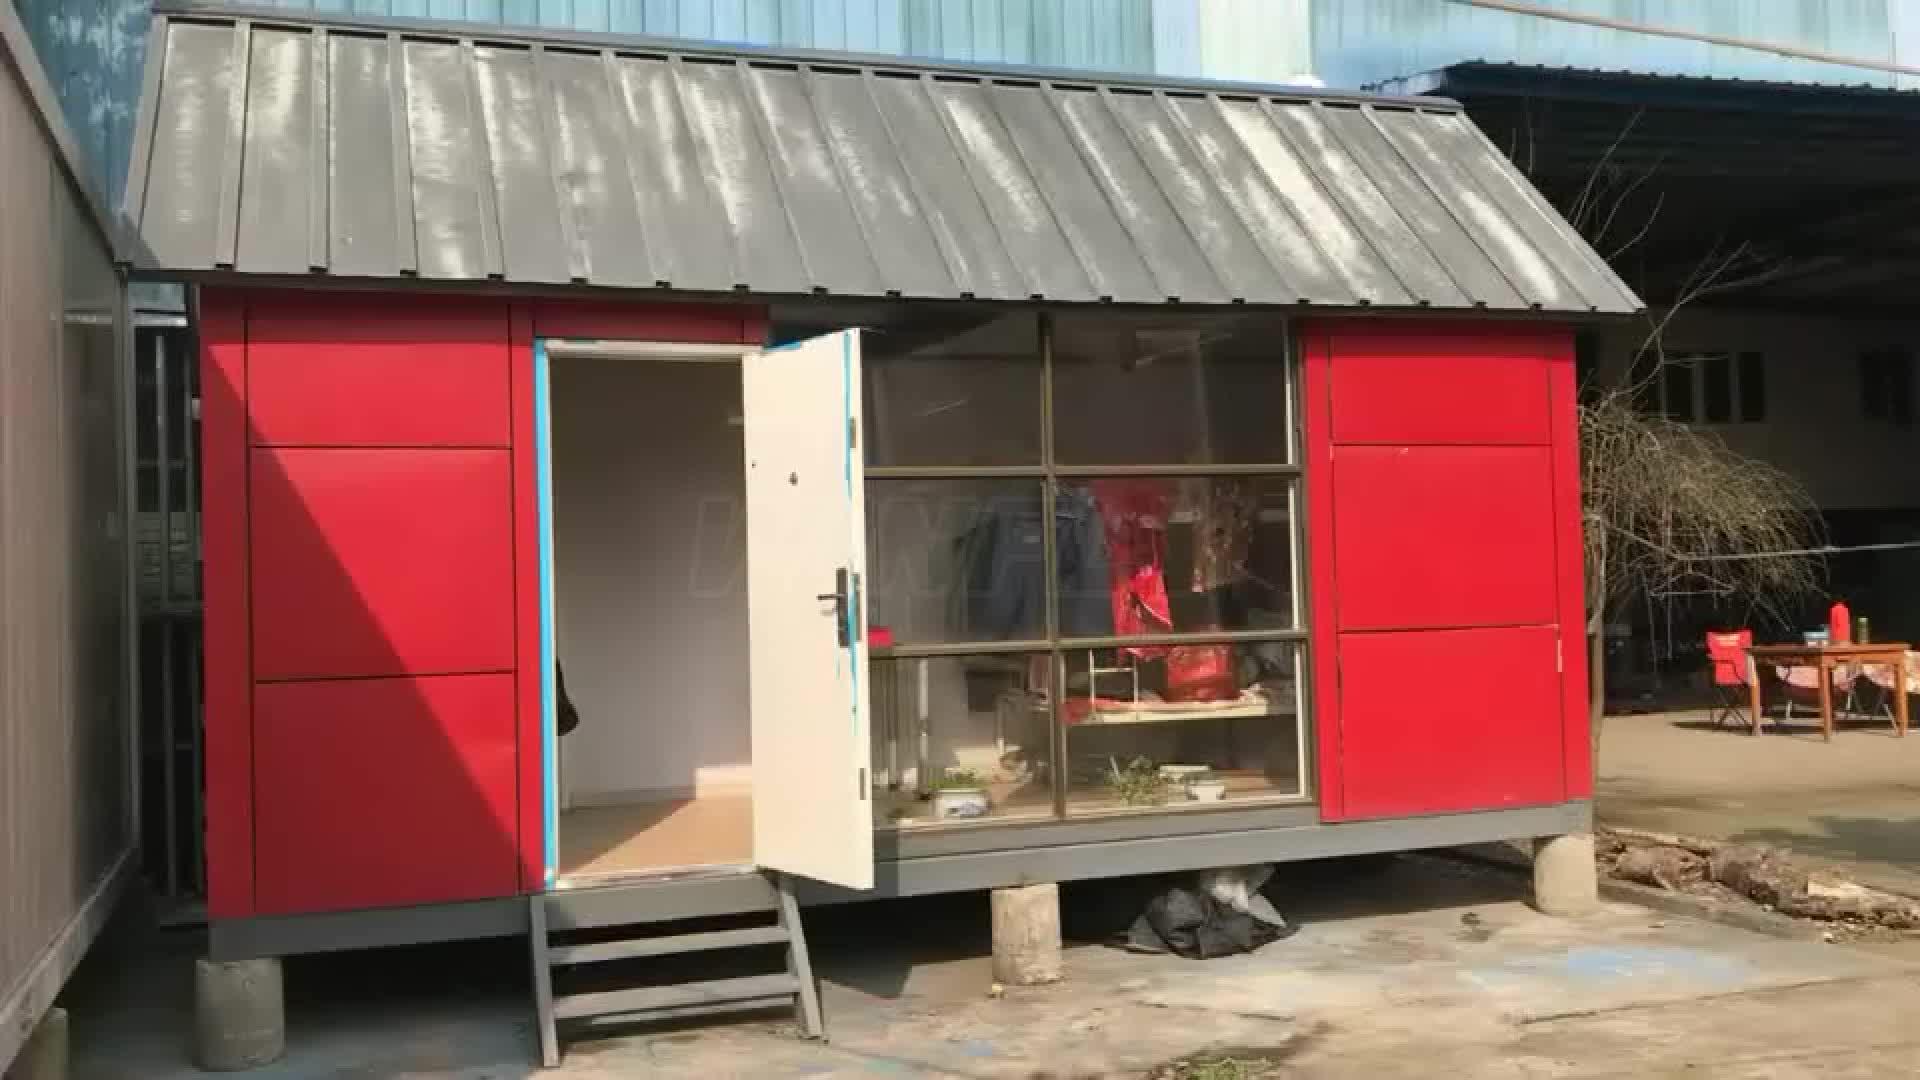 Leichte Stahlkonstruktion Flat Pack Wohnzimmer Unterirdischen Zweistöckige Containerhaus